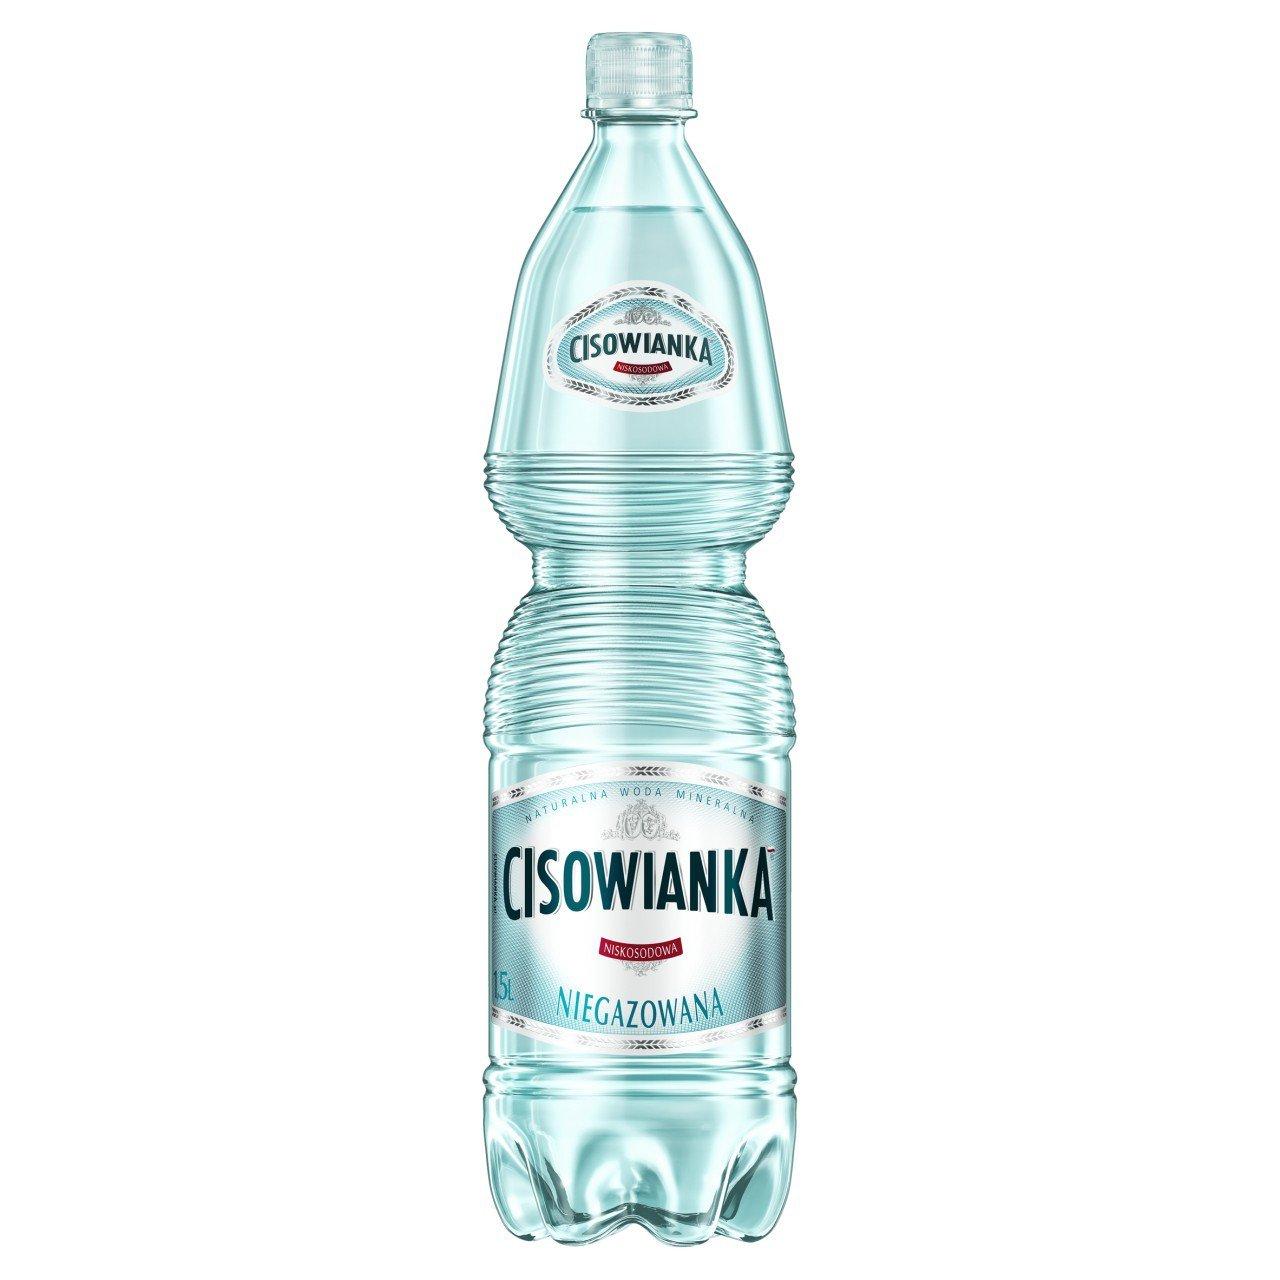 Którą wodę wolisz?  #RT Cisowianka #FAV Żywiec Zdrój https://t.co/UW0ve5HCTr